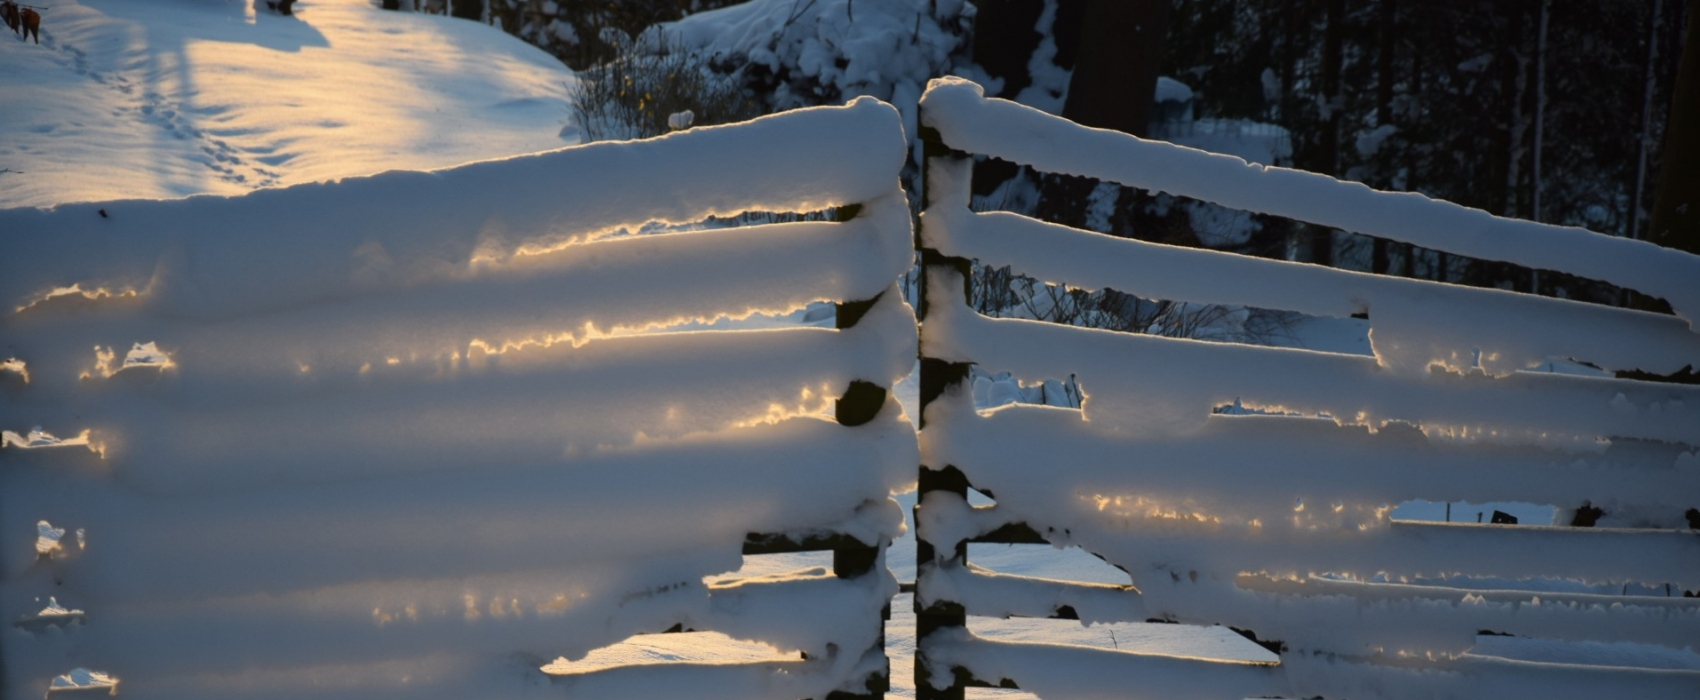 Ośnieżone szczyty... Kaszub [FOTOGALERIA, FILM] 40